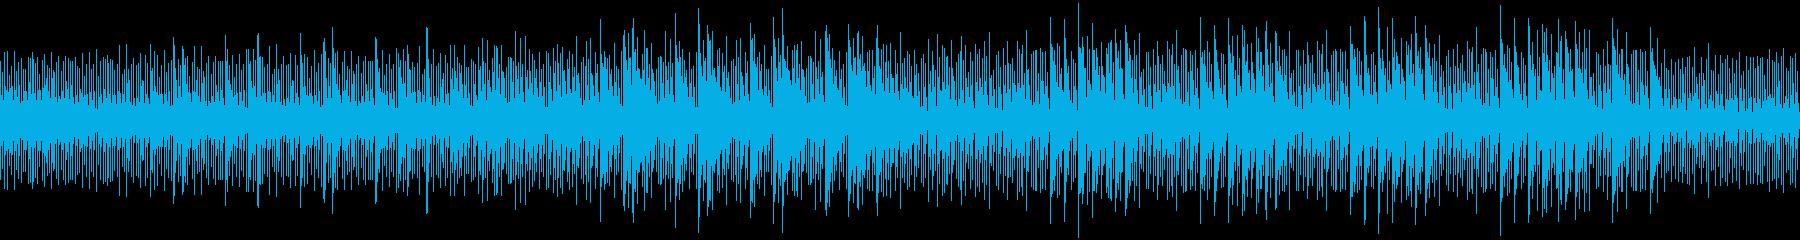 【ループ可】マリンバ主体のミニマル音楽の再生済みの波形